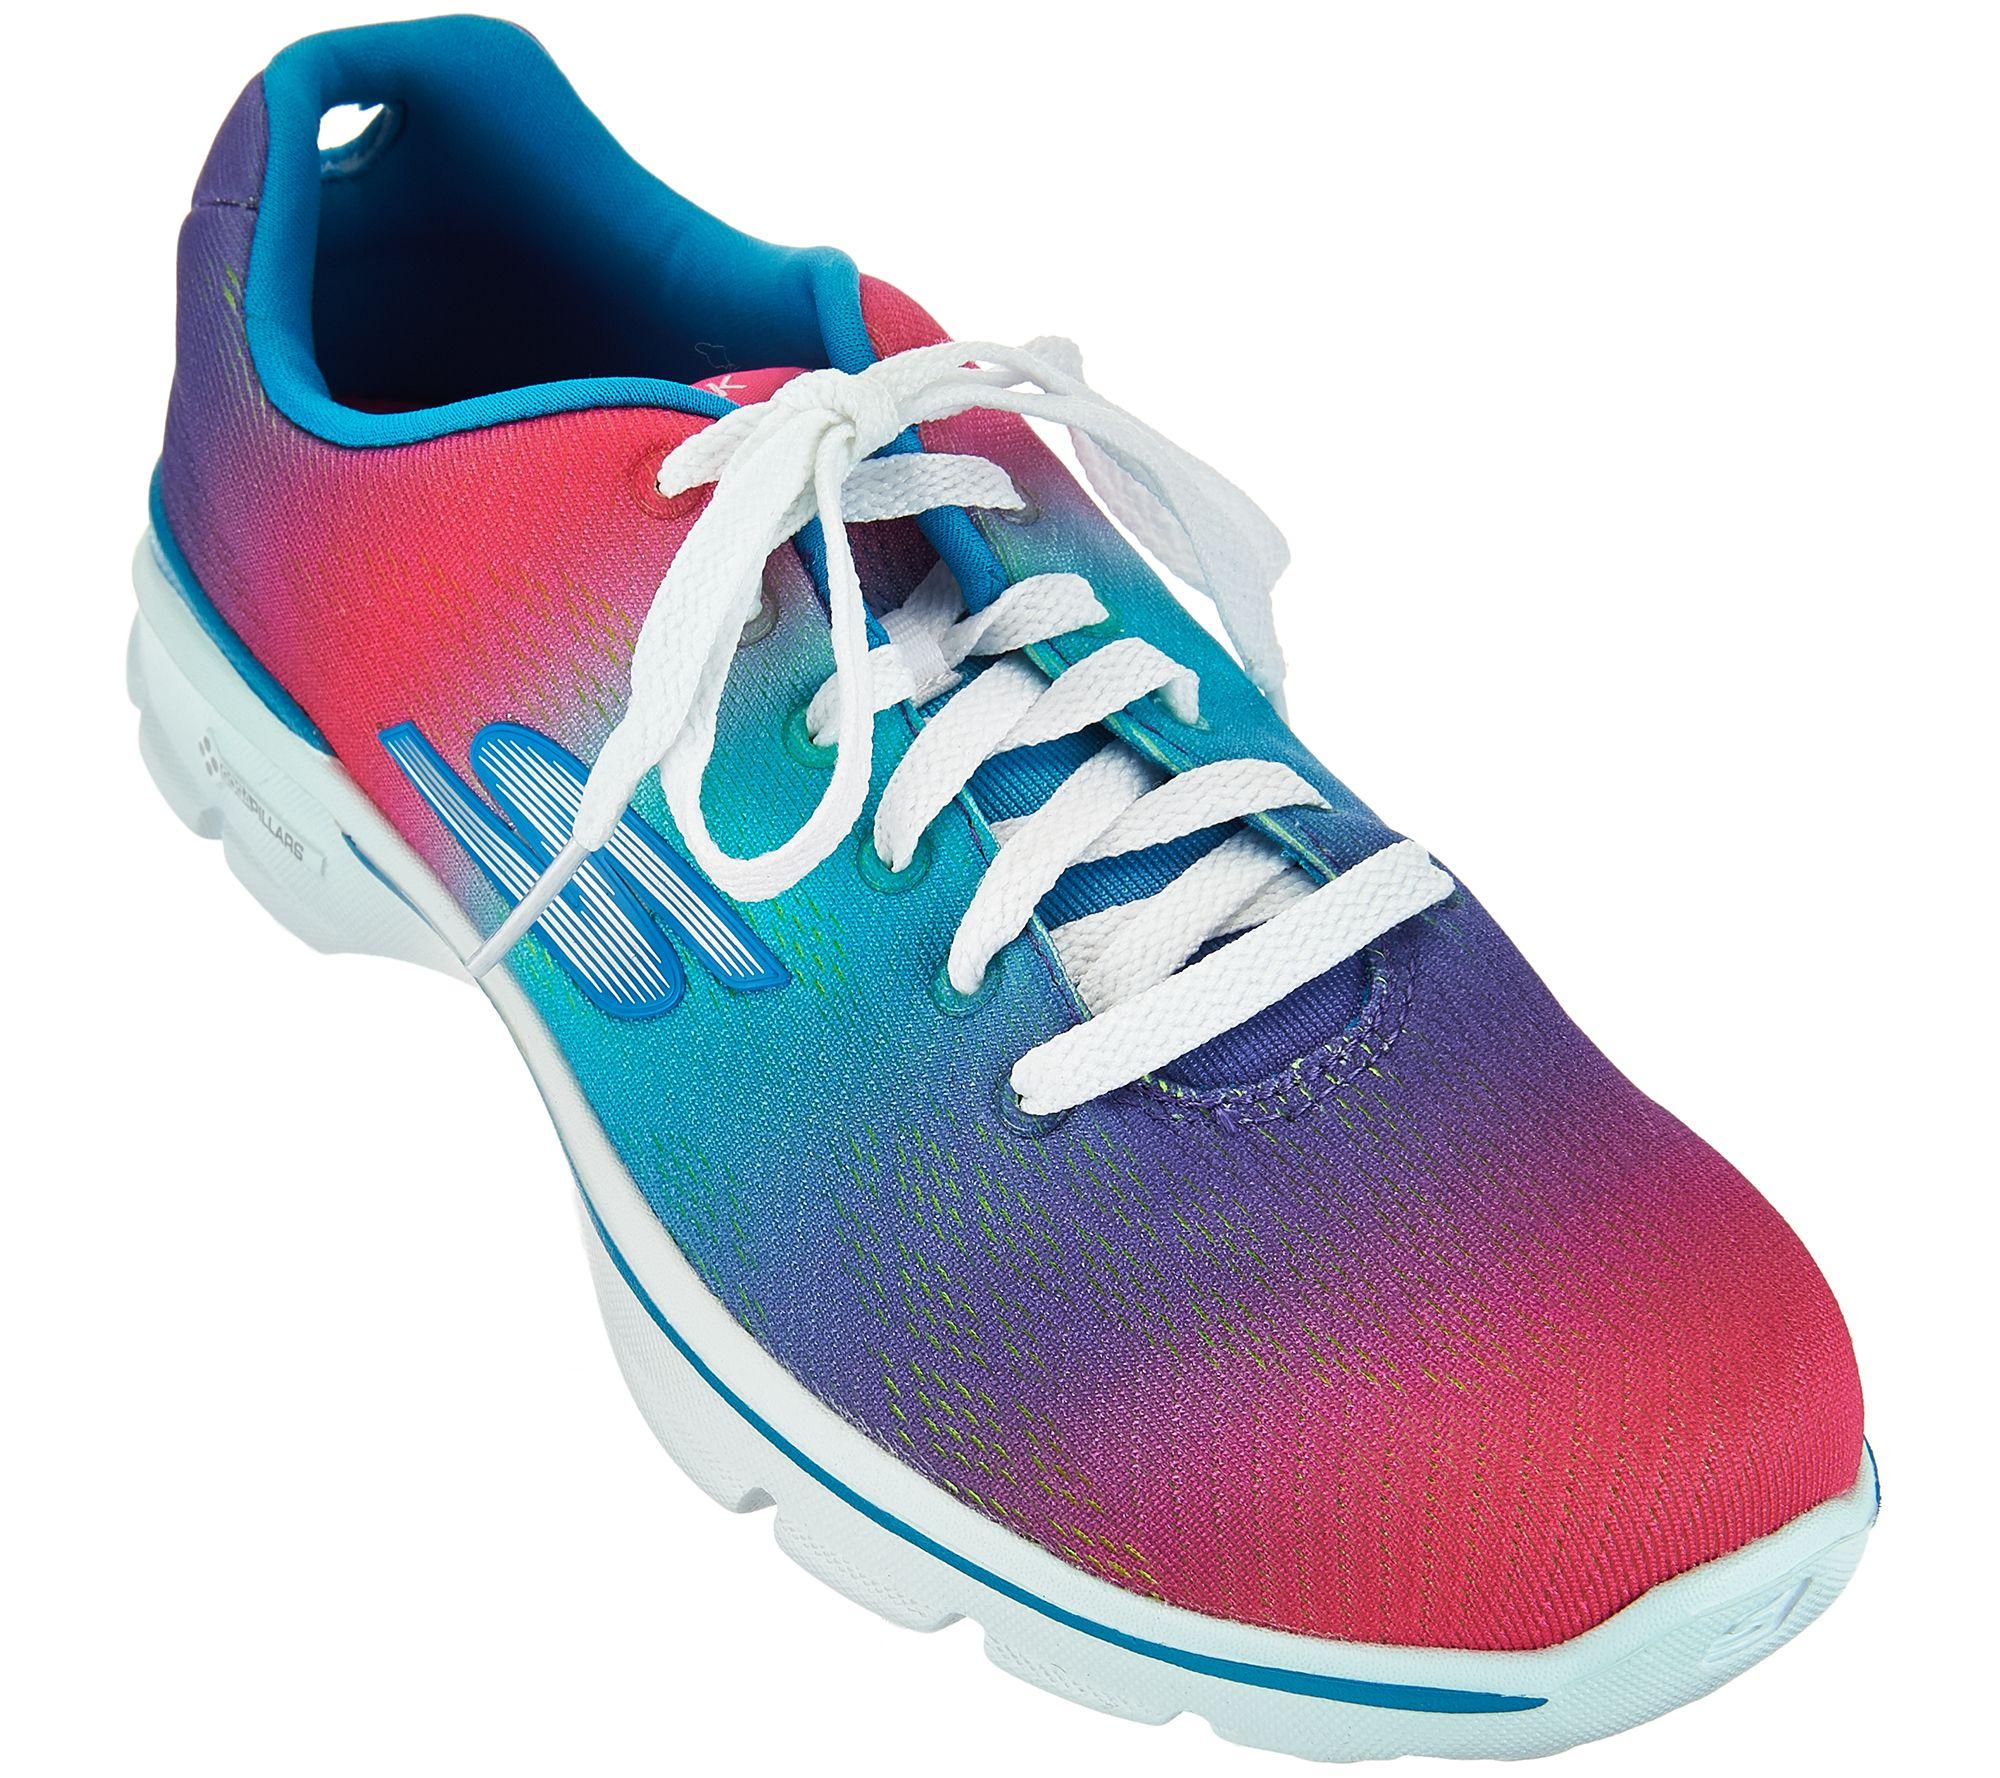 Offizieller Lieferant erstaunliche Qualität Detaillierung Qvc skechers shoes - Safety 1st website